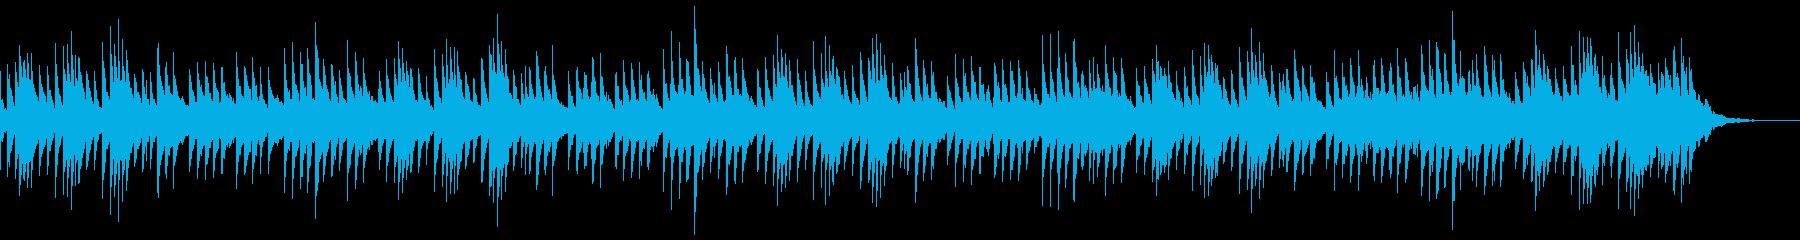 愛らしい「クリスマス」オルゴール風の再生済みの波形